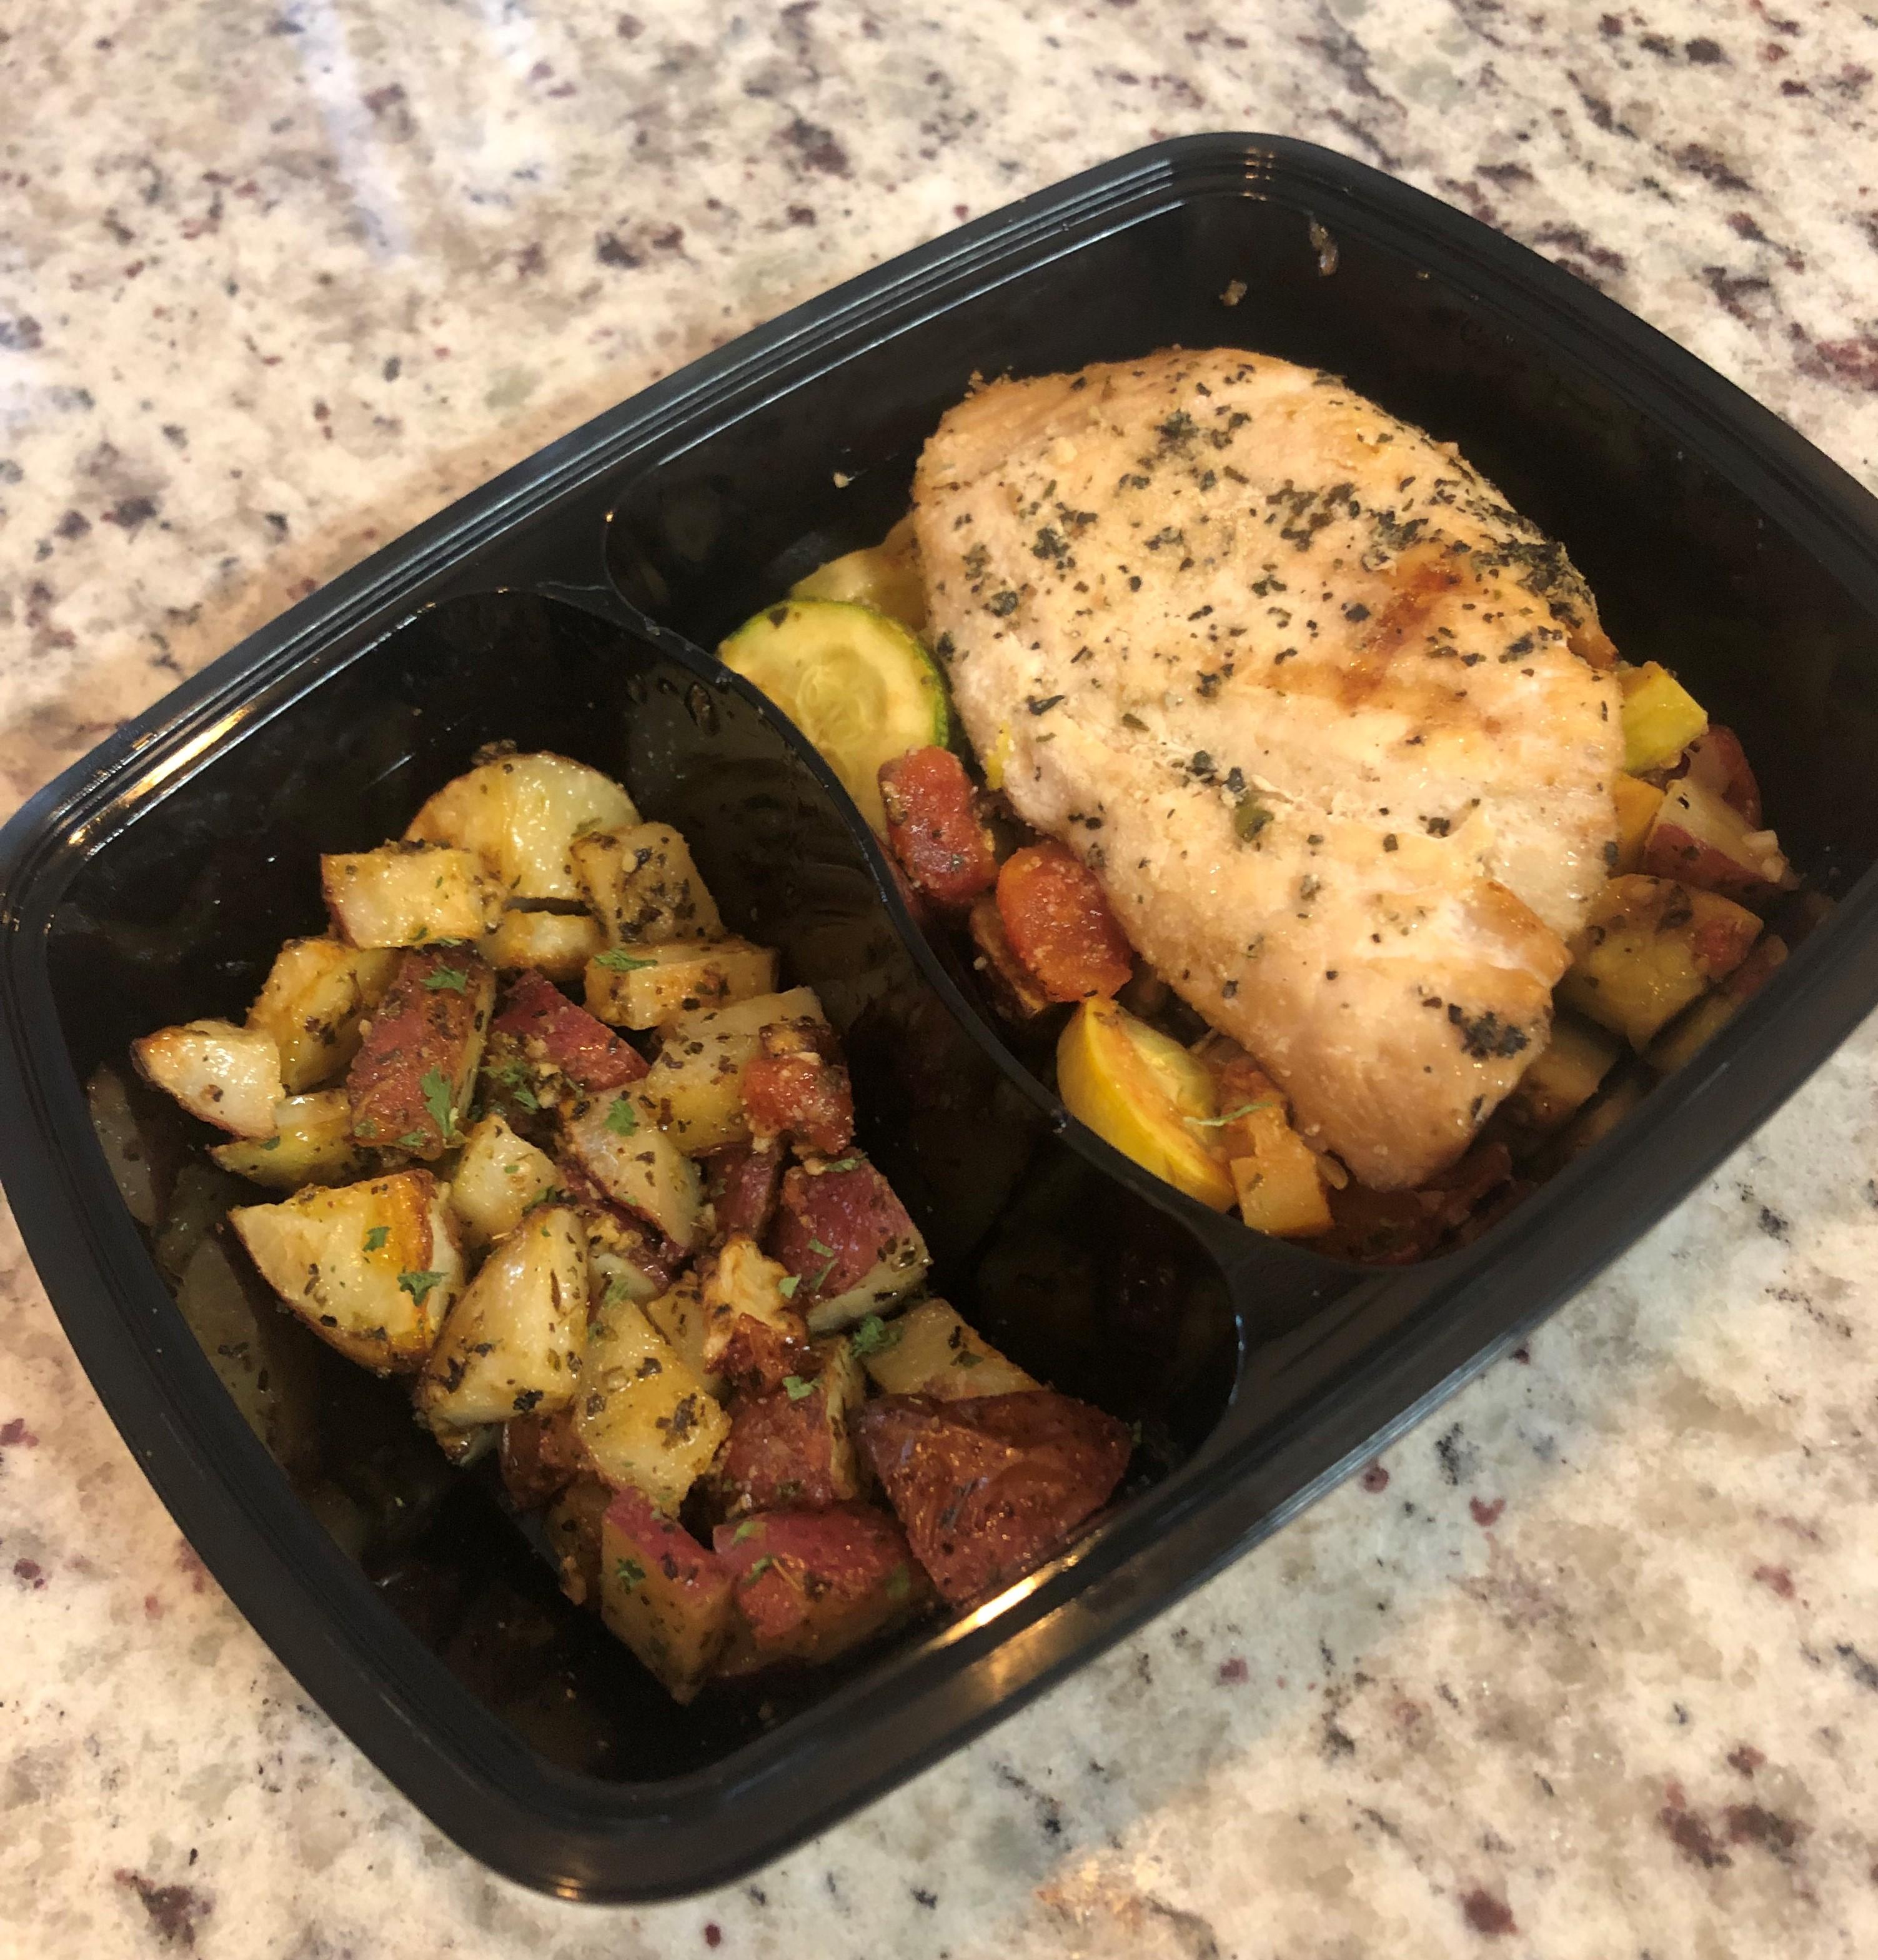 Midtown Cafe Grab-n-Go Dinner